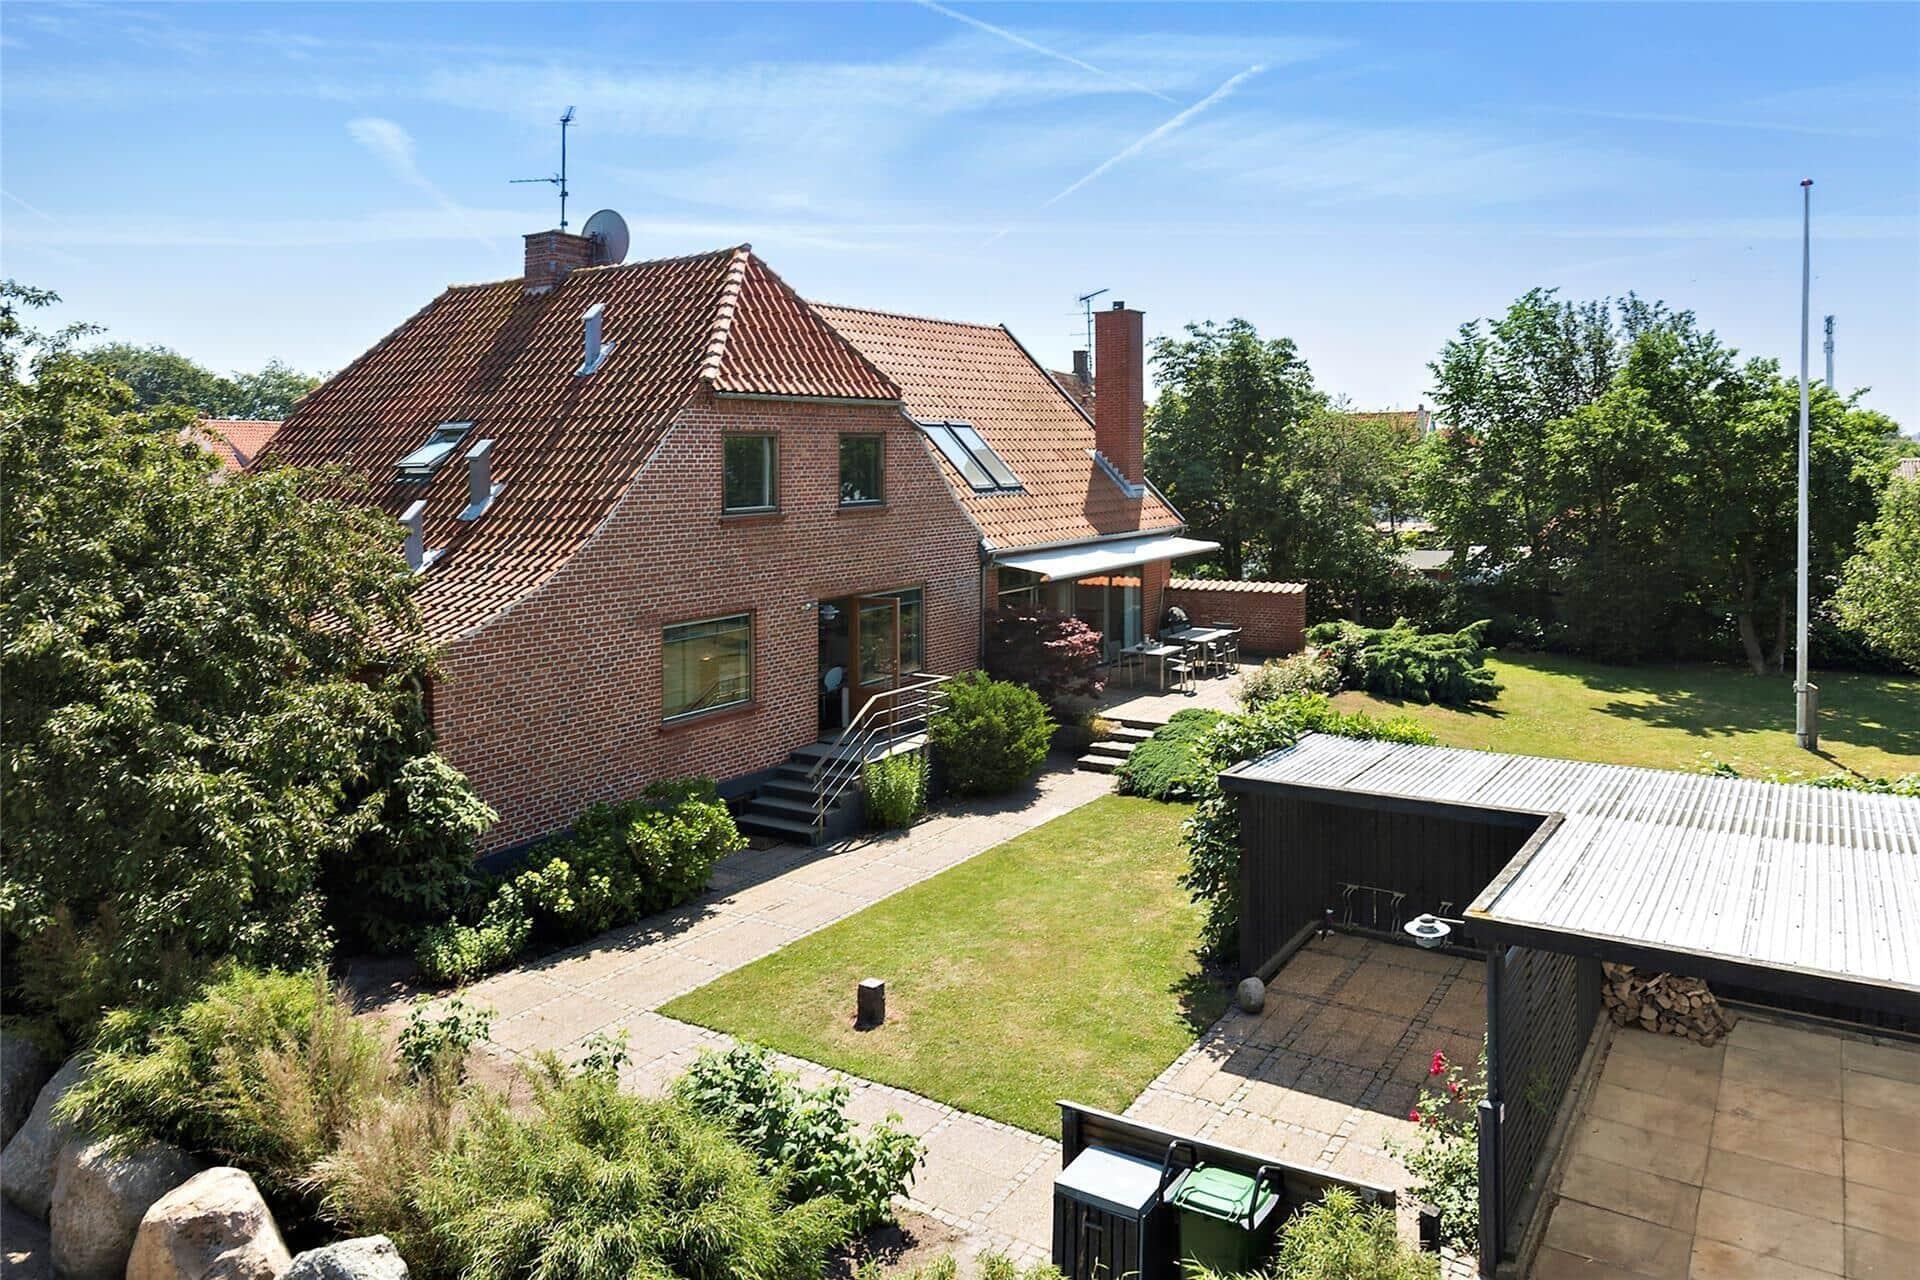 Image 1-10 Holiday-home 4750, Frydenlundsvej 14, DK - 3700 Rønne